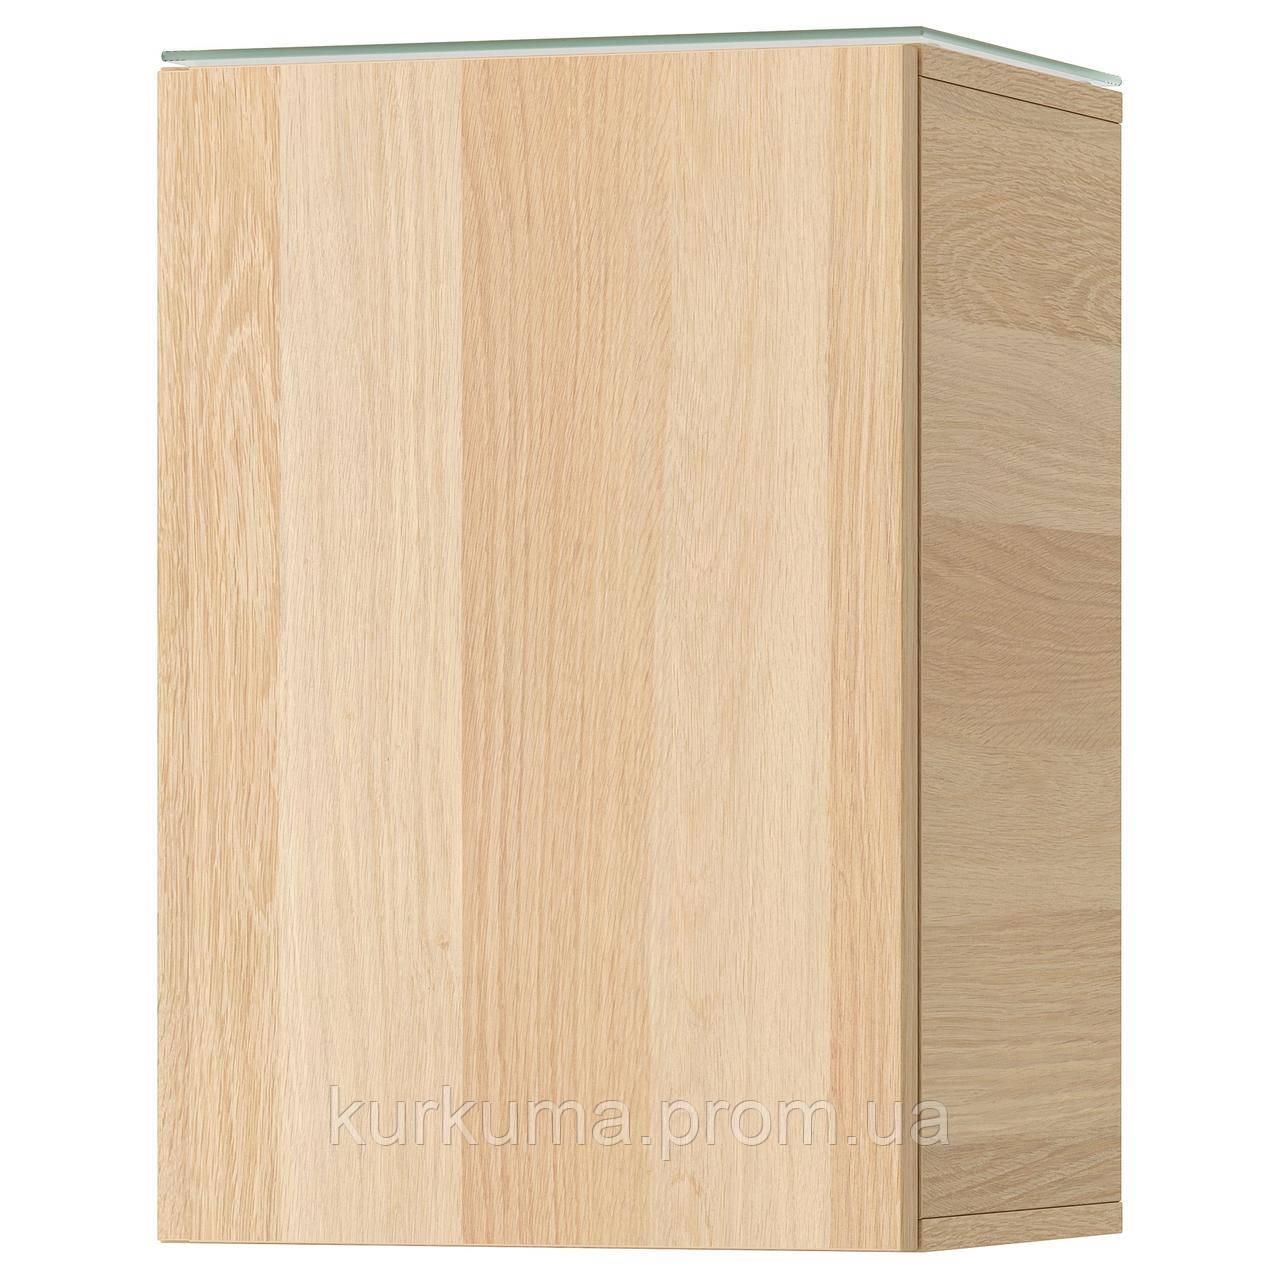 IKEA GODMORGON Настенный шкаф с дверями, белый дуб  (603.304.32)